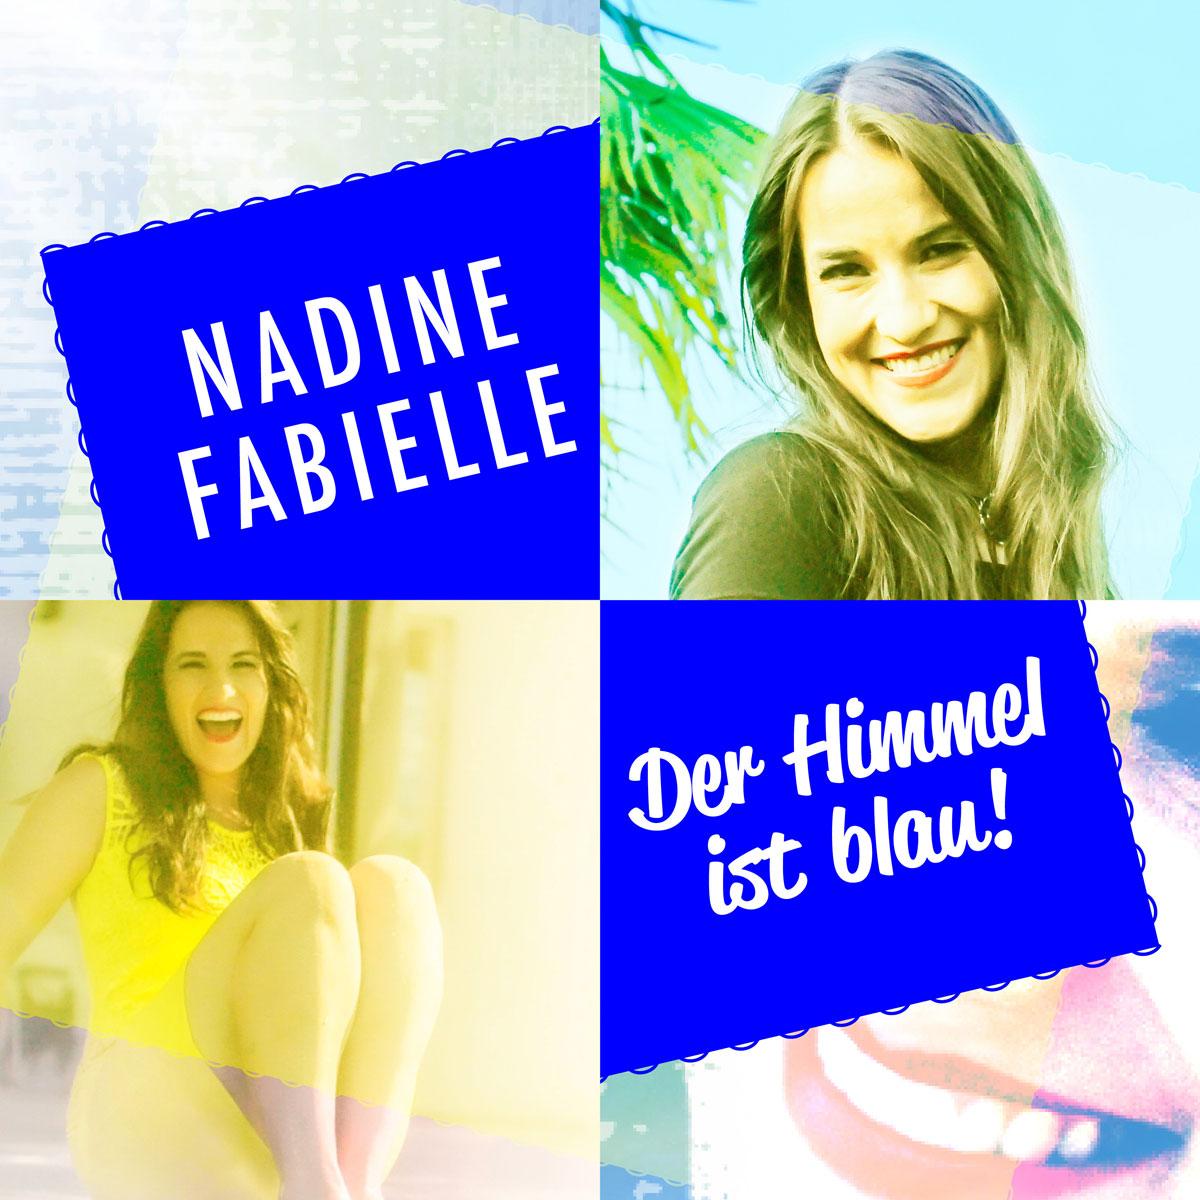 NADINE FABIELLE - DER HIMMEL IST BLAU